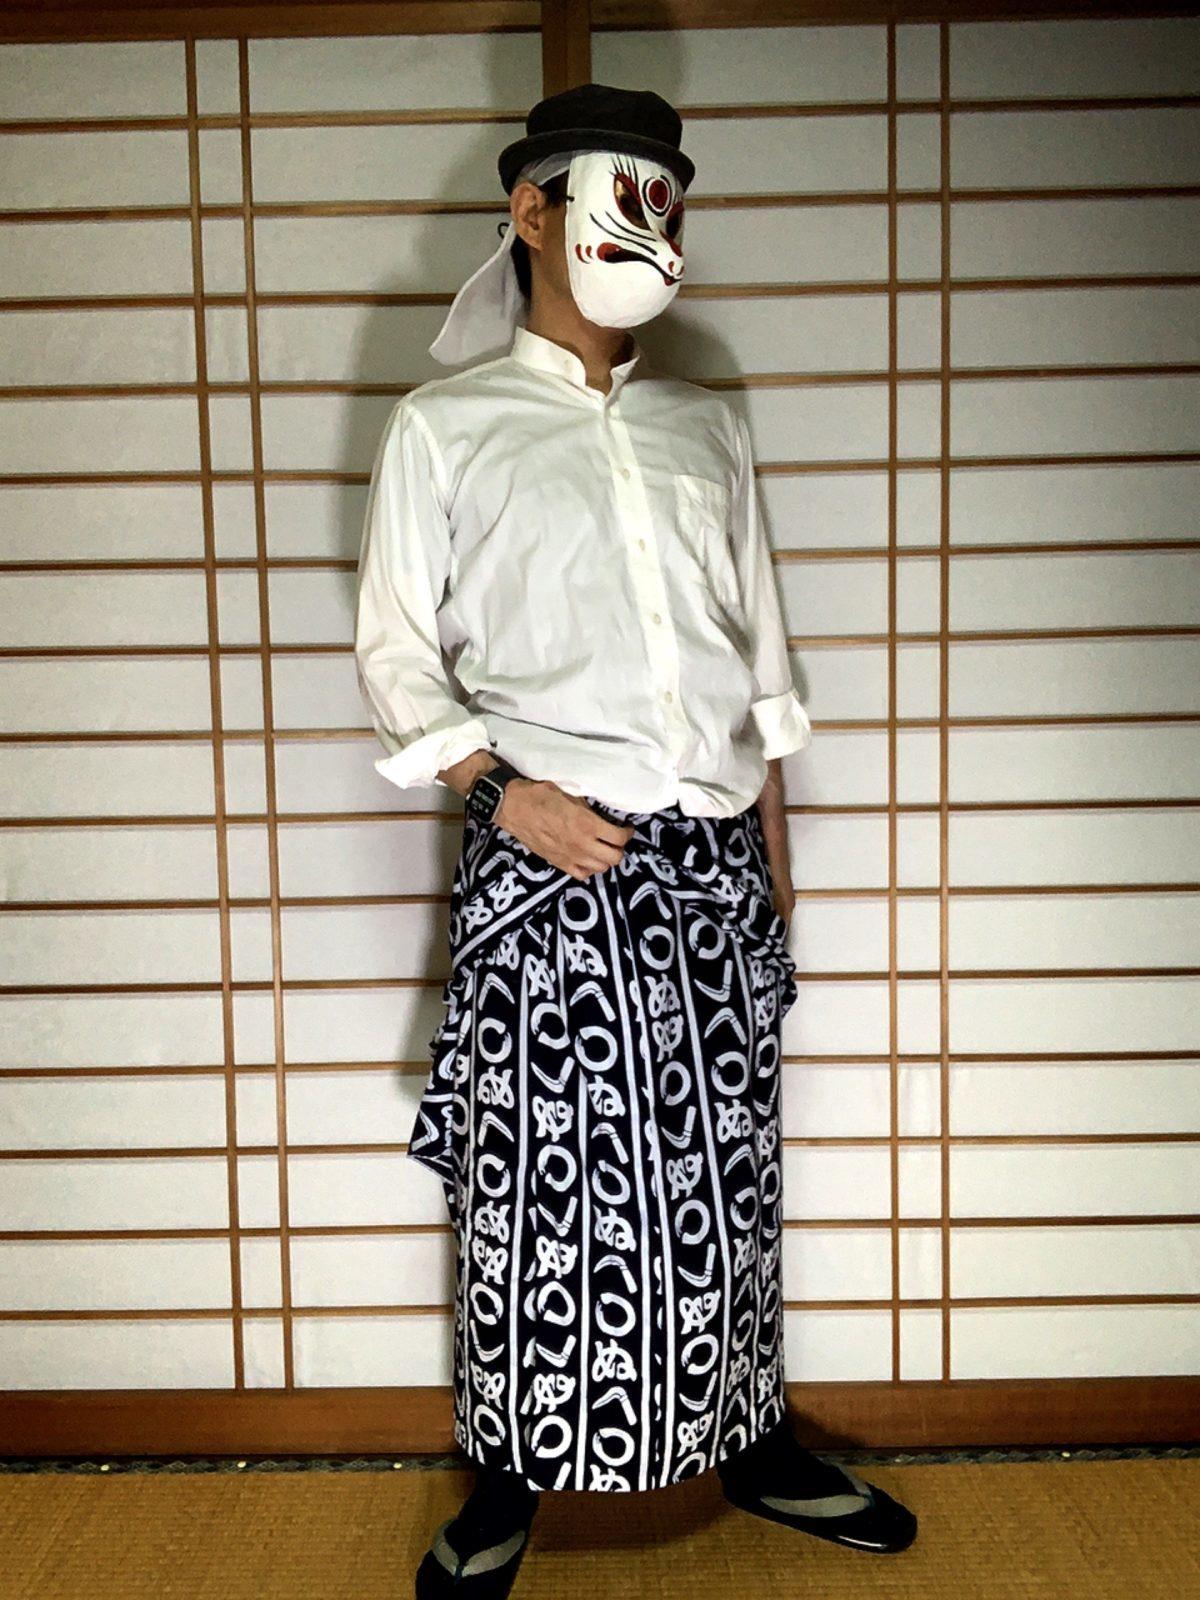 男の和服,メンズ着物,狐面,日本,裏着物,浴衣,和,文化,シャツ,浴衣